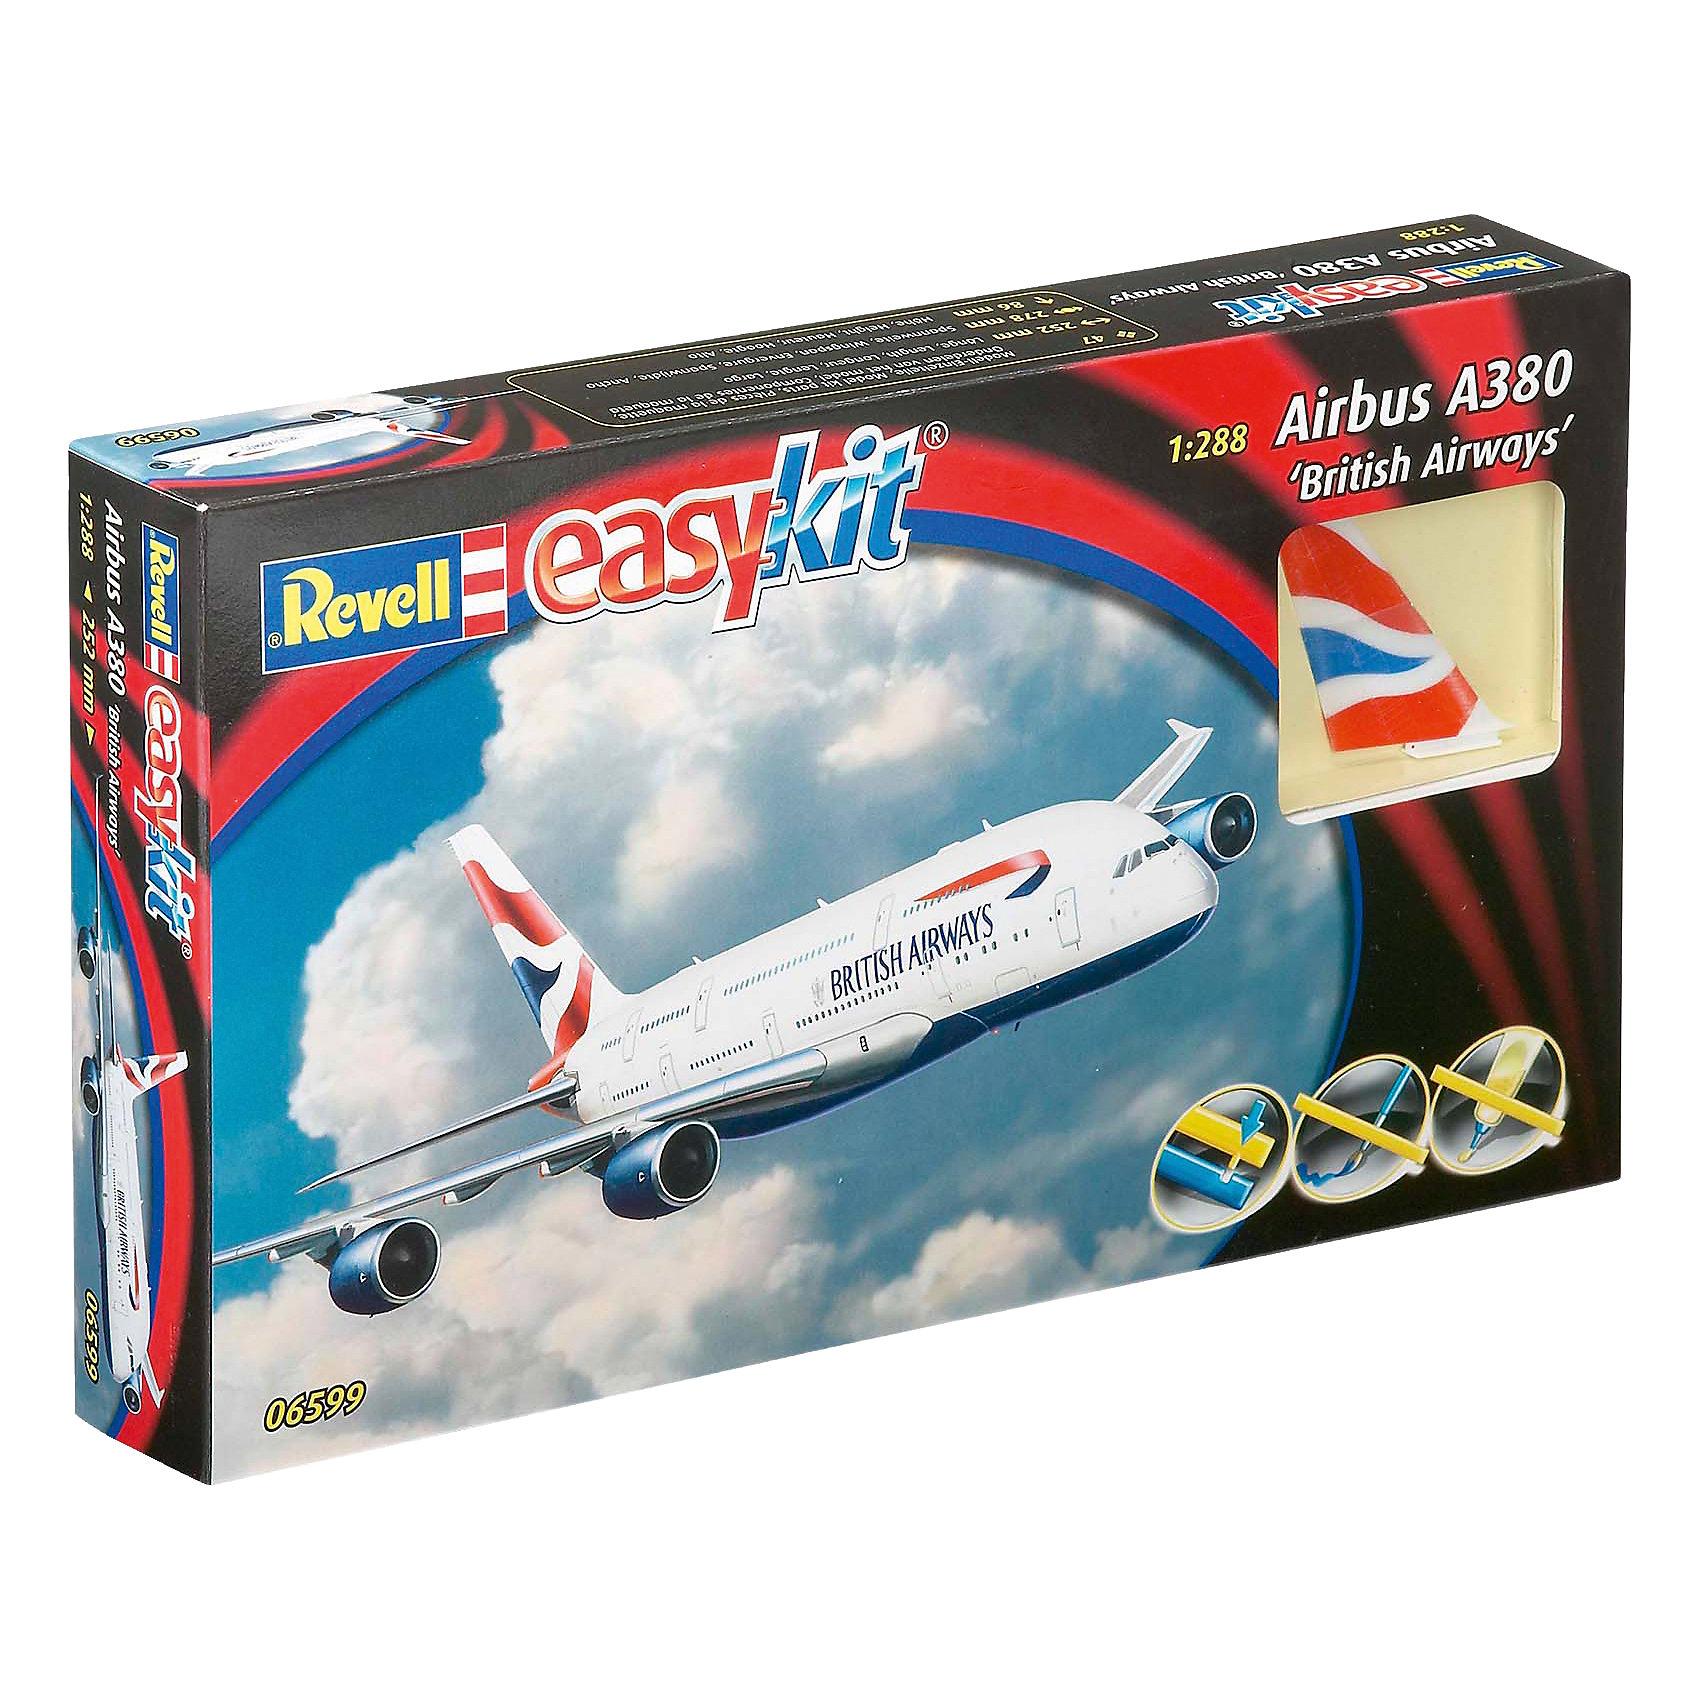 Сборка Пассажирский Самолет Airbus A380 EmiratesМодели для склеивания<br>Сборная модель пассажирского самолета Airbus A380 British airways. Идеальный вариант для новичков, которые начинают знакомиться со стендовым моделизмом. Модель собирается без клея и ее детали уже окрашены. Поэтому со сборкой Airbus A380 British airways сможет справиться человек и без опыта. <br>Масштаб модели 1:288. Всего в наборе 47 детали из пластика. Они соединяются между собой при помощи пазов. Клей и краска вам не понадобятся.  <br>Длина модели 25,2 см. Размах крыльев 27,8 см. Высота модели 8,6 см. <br>Модель может быть рекомендована для детей старше 6 лет.<br><br>Ширина мм: 311<br>Глубина мм: 185<br>Высота мм: 50<br>Вес г: 242<br>Возраст от месяцев: 72<br>Возраст до месяцев: 132<br>Пол: Мужской<br>Возраст: Детский<br>SKU: 4171725